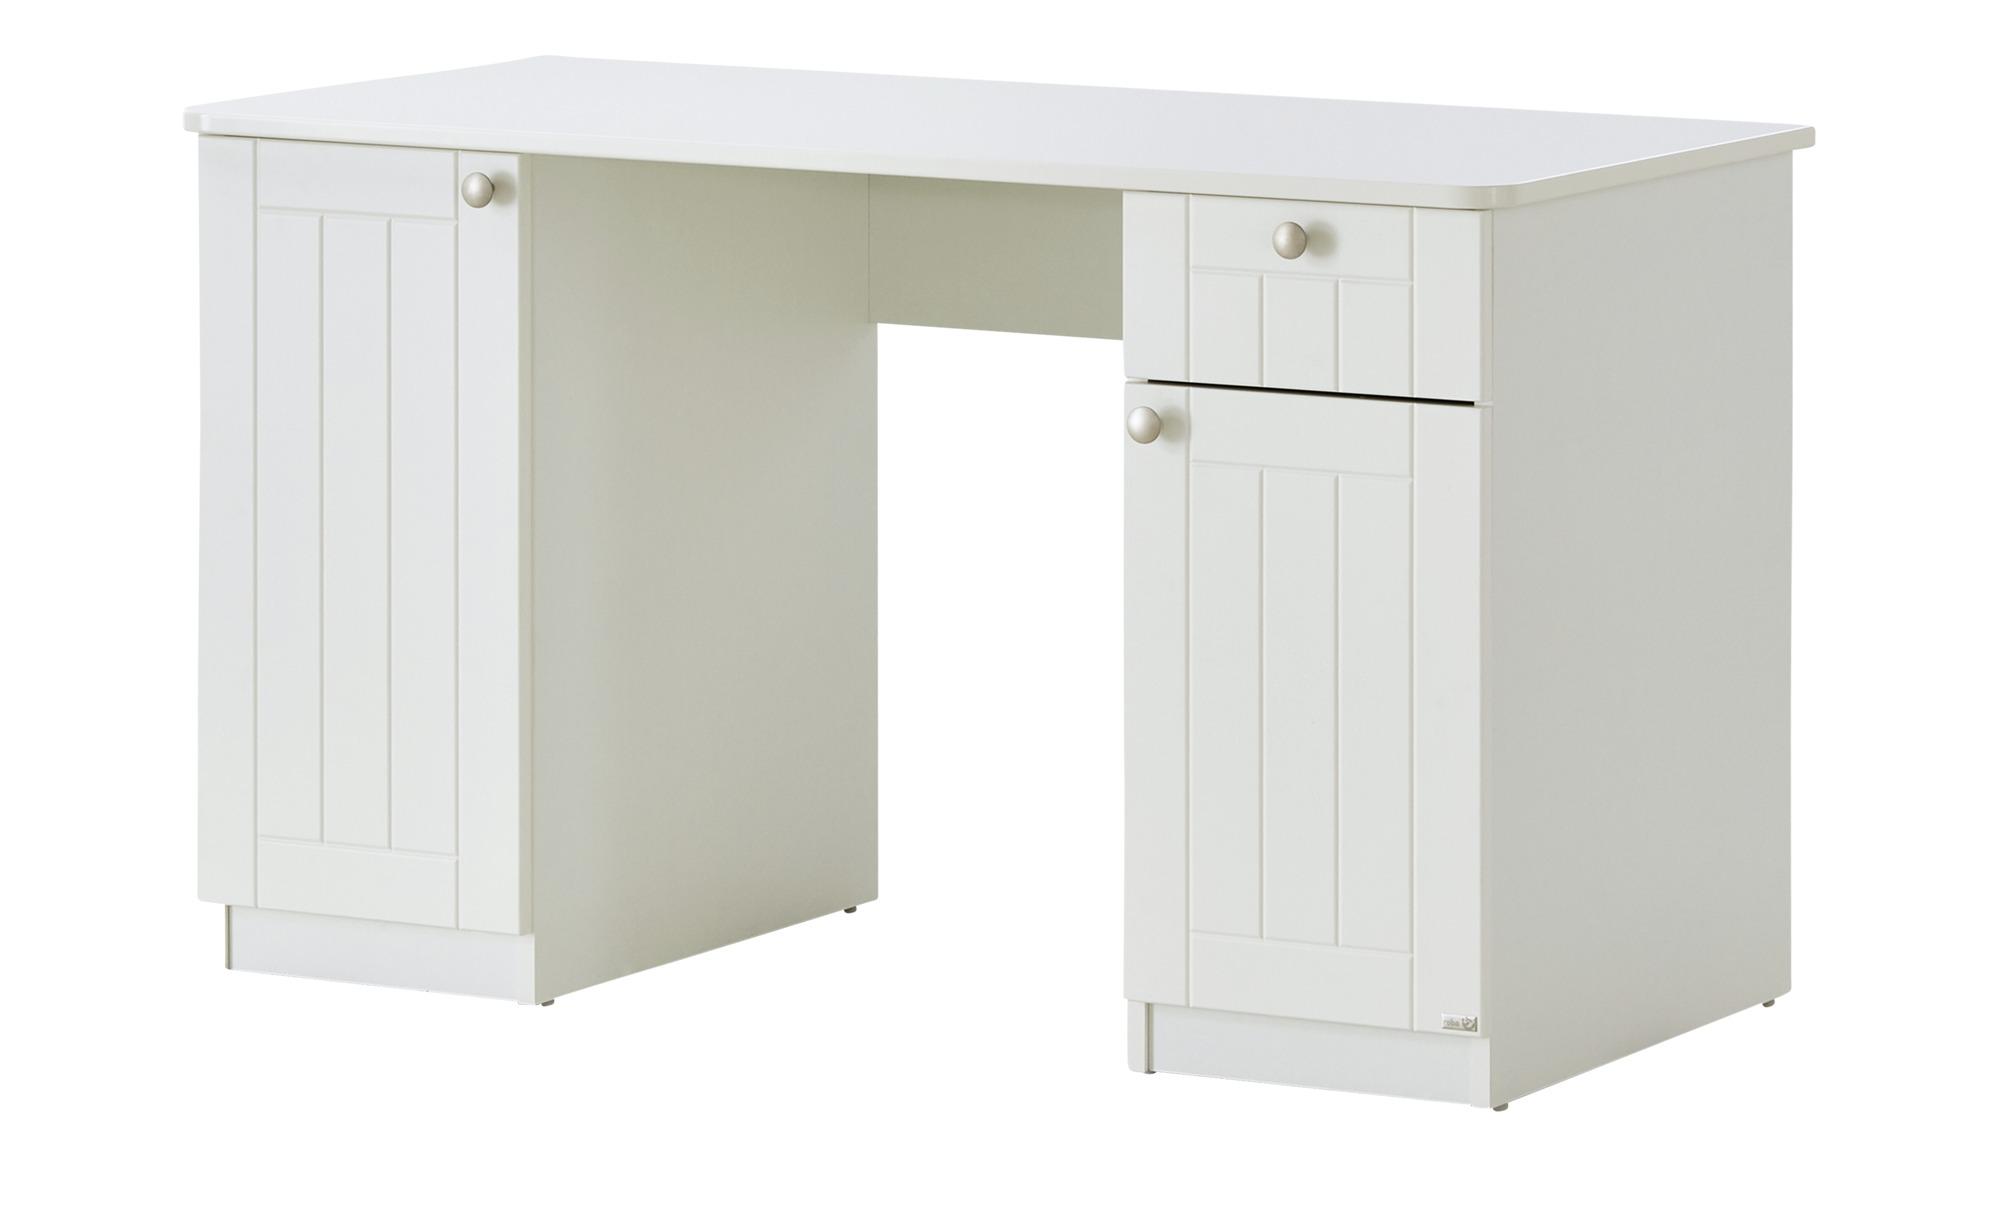 Schreibtisch für Kinder und Jugendliche im klassischen Landhausstil